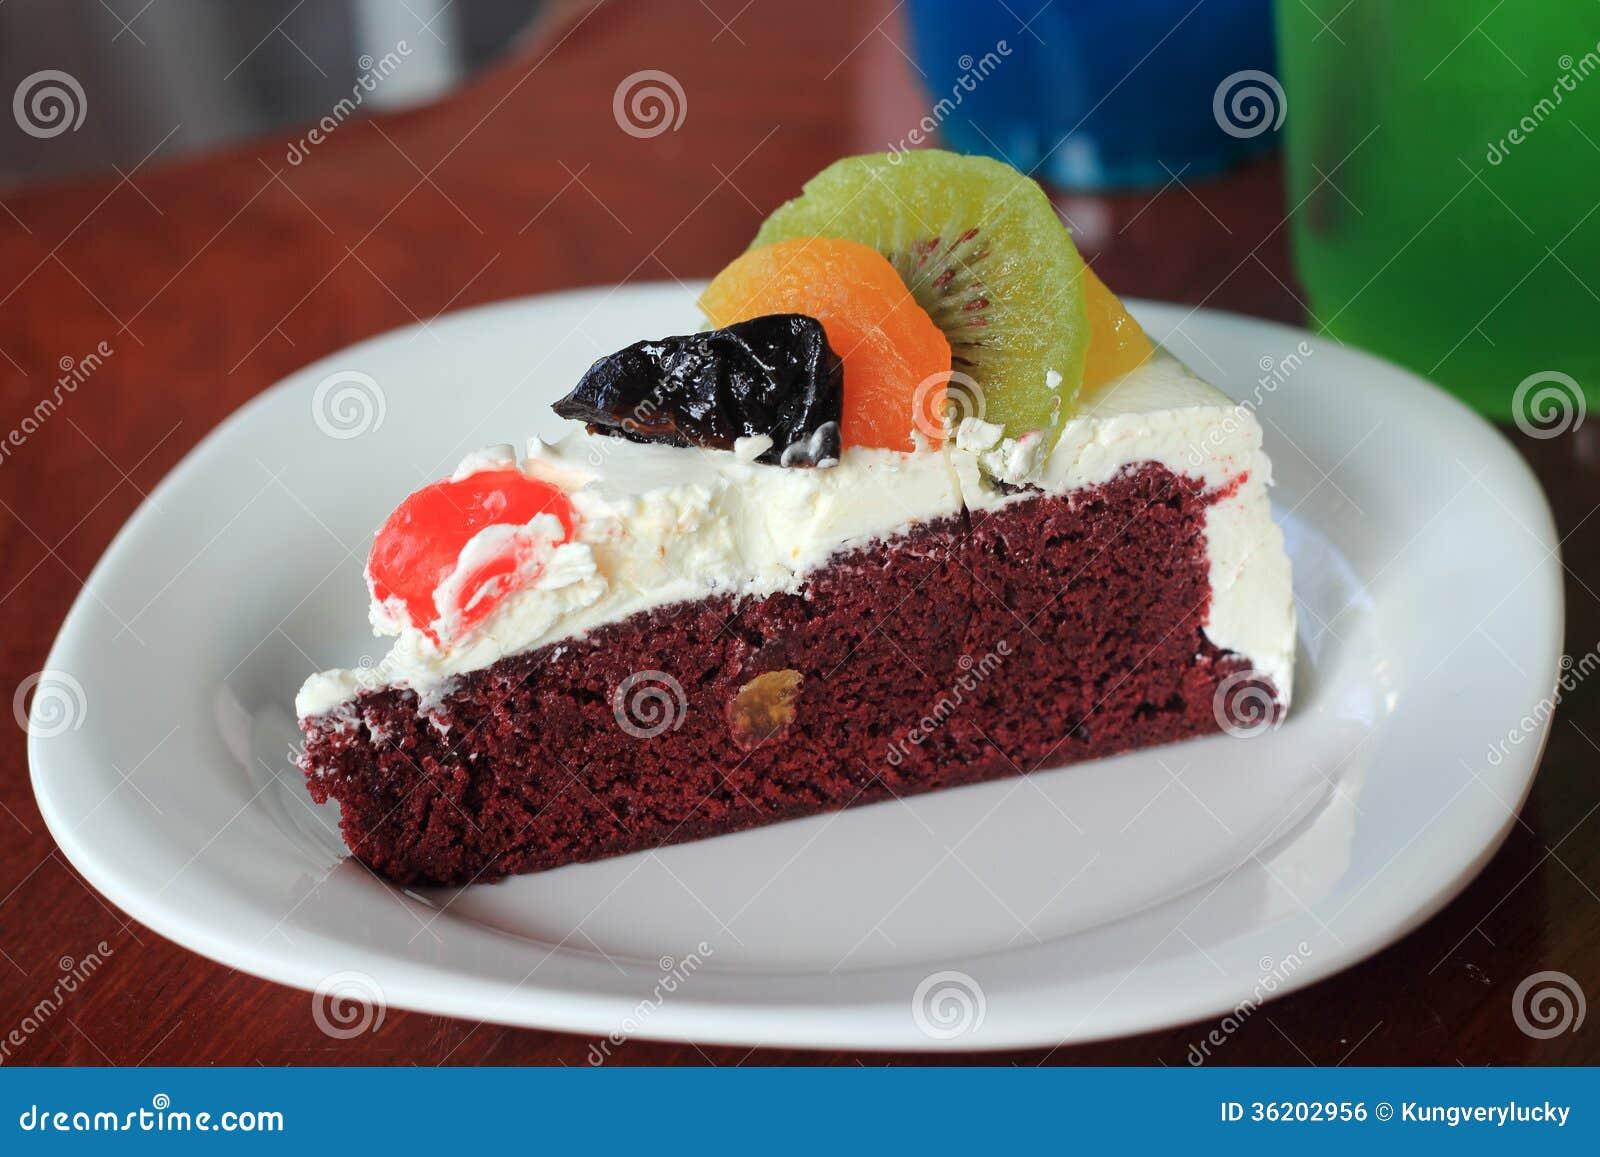 Eating Raw Cake Mix